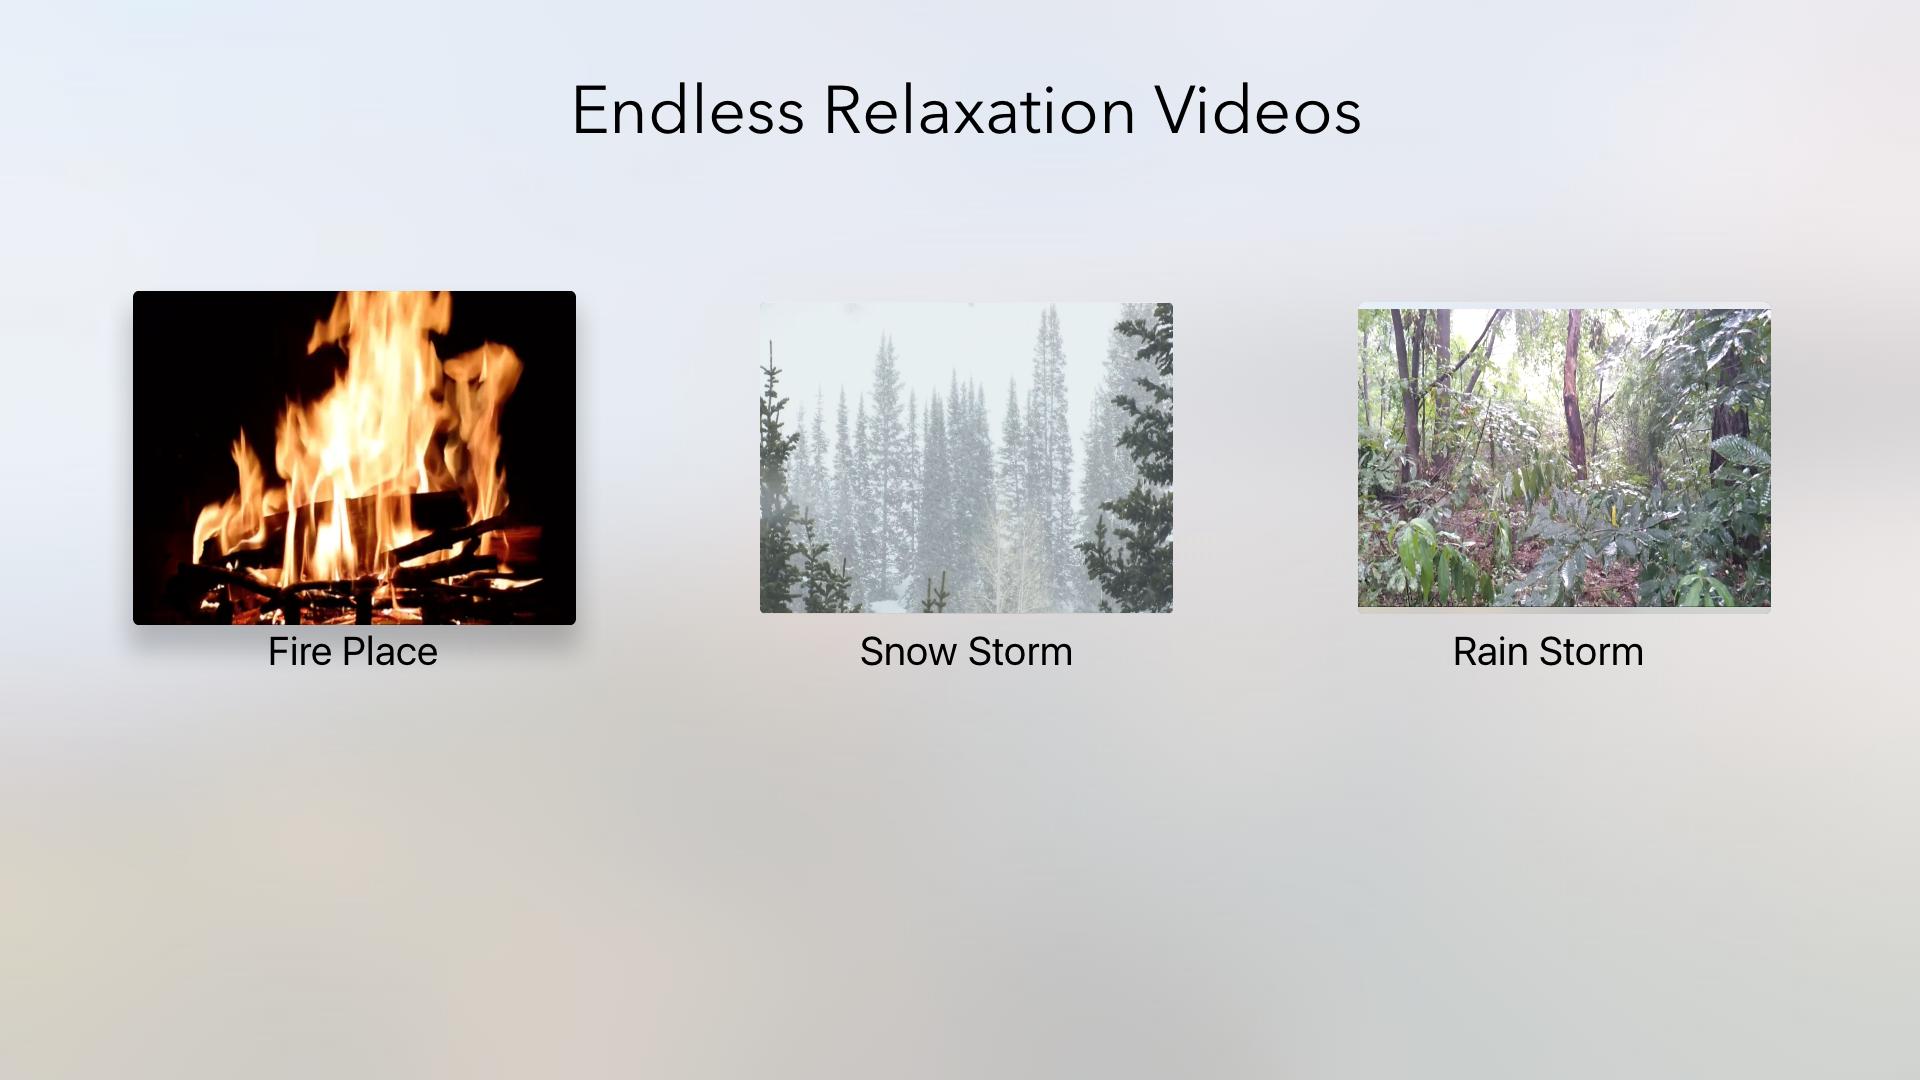 Endless Relaxation Videos screenshot 1